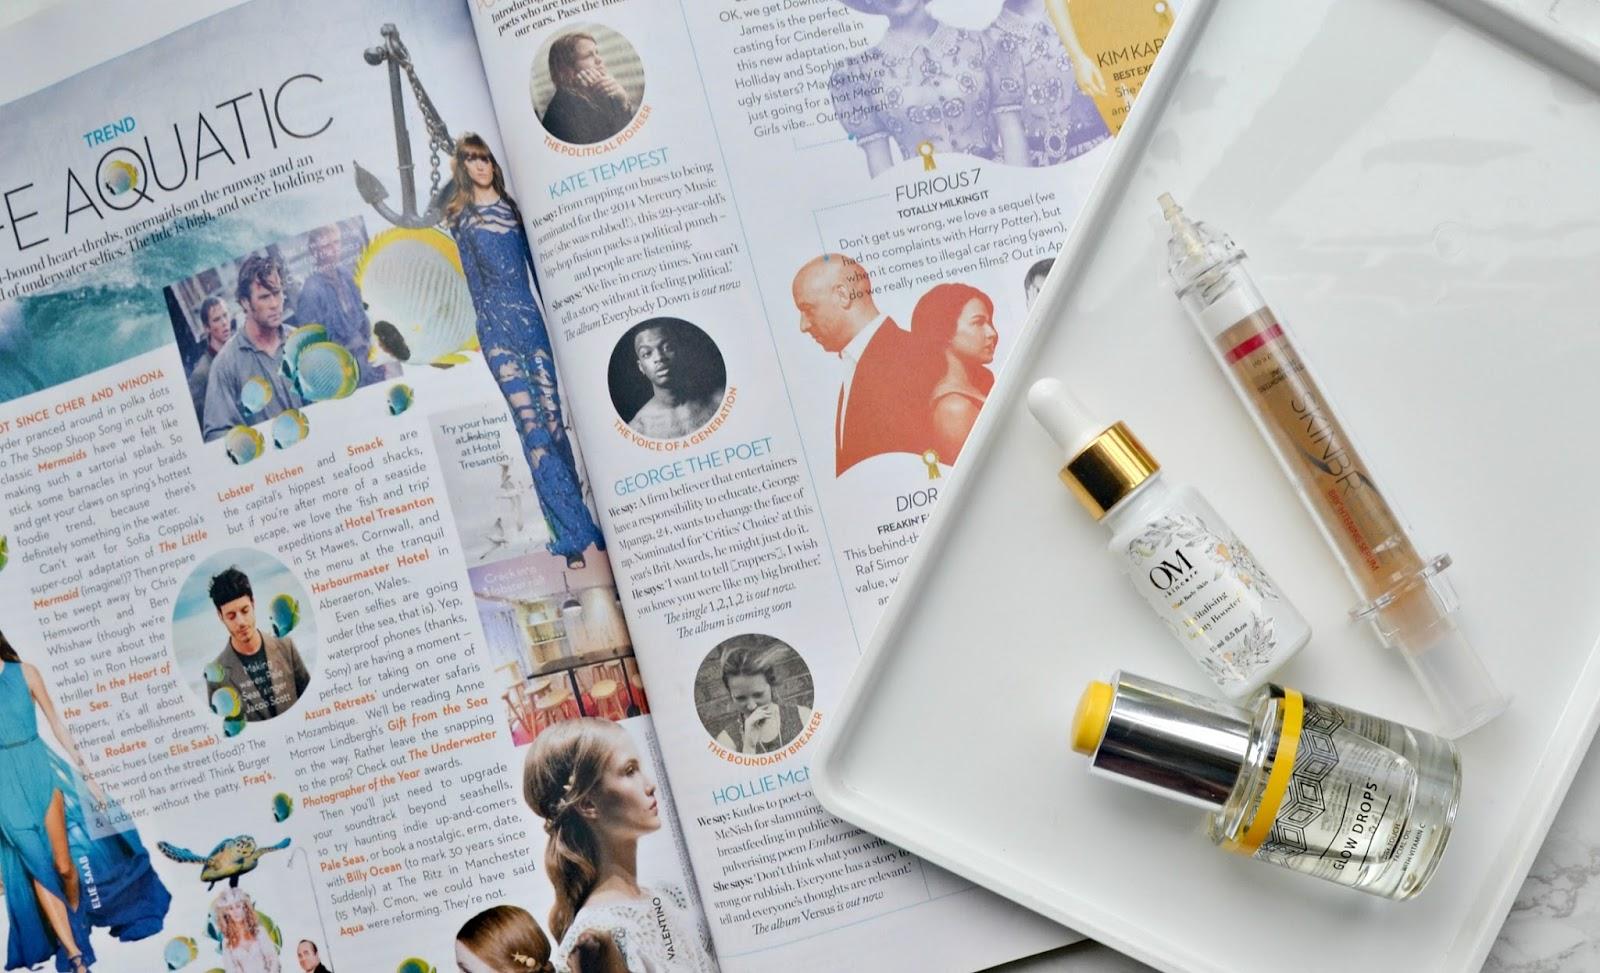 beautiful glowing skin dewy skin skincare products